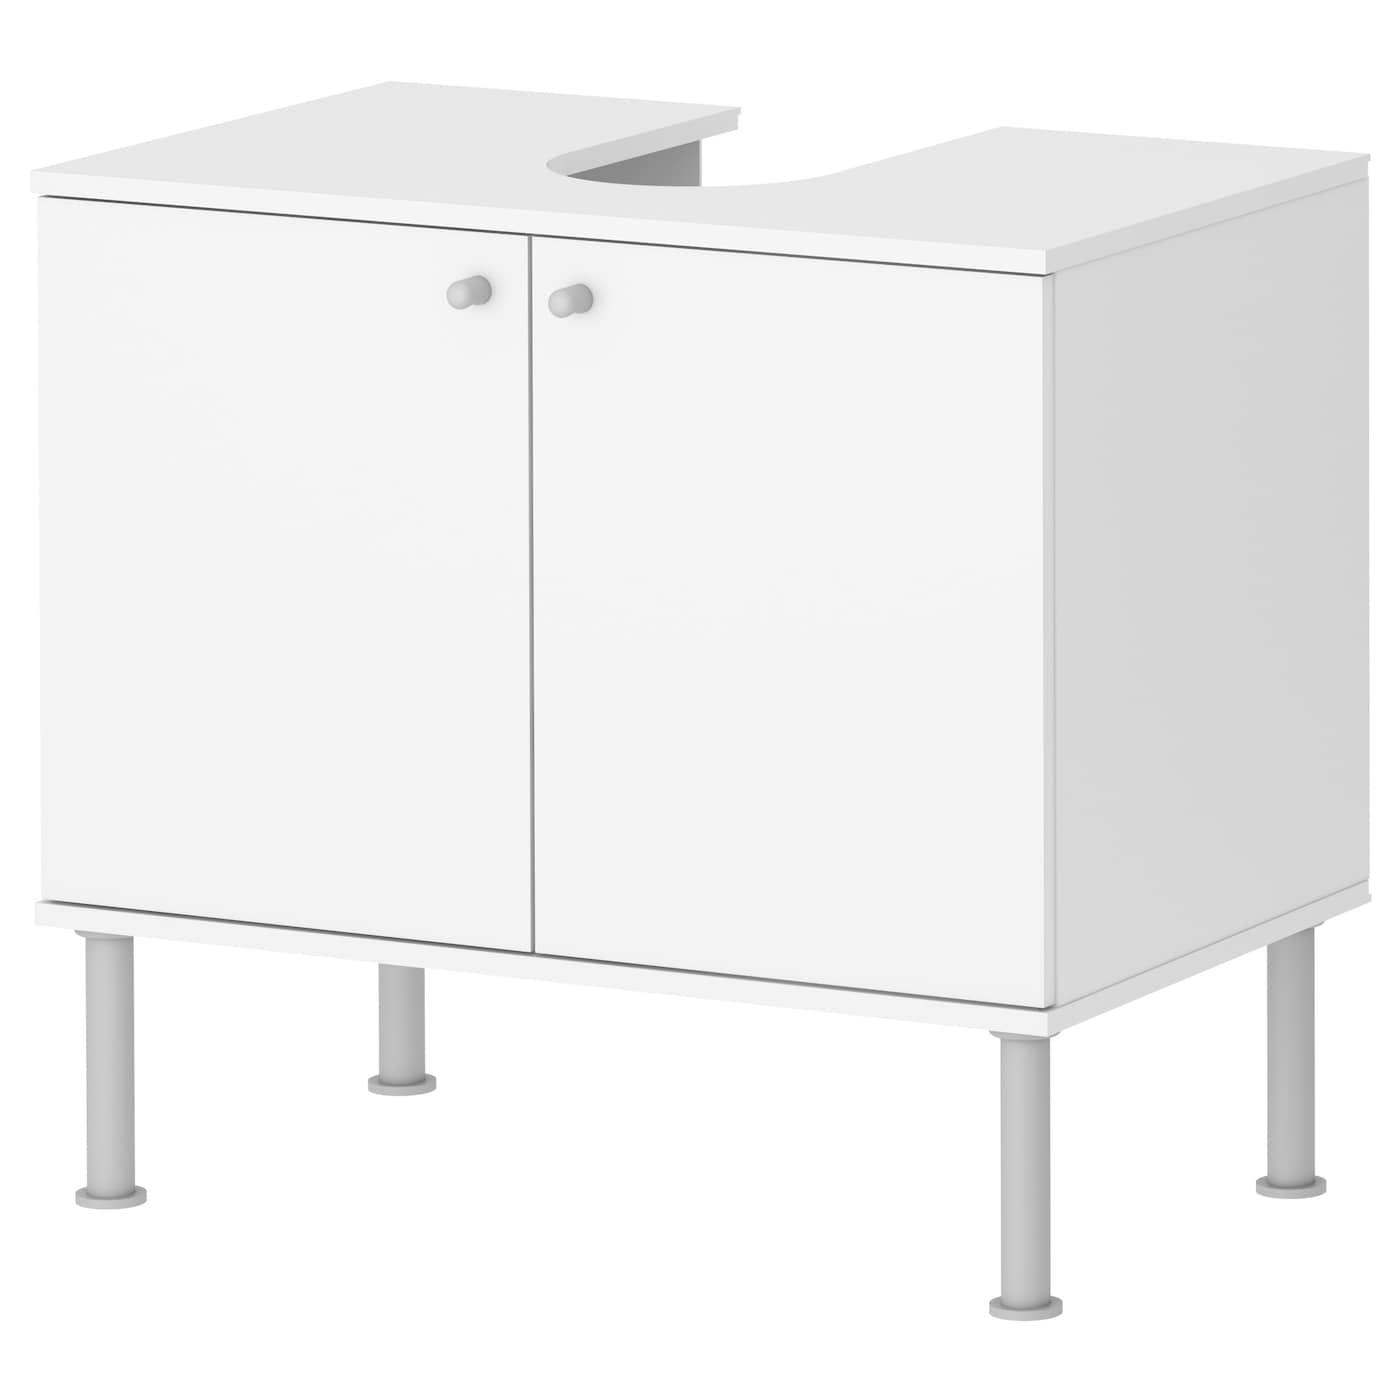 Fullen wash basin base cabinet w 2 doors white 60x55 cm ikea - Badezimmerschrank ikea ...